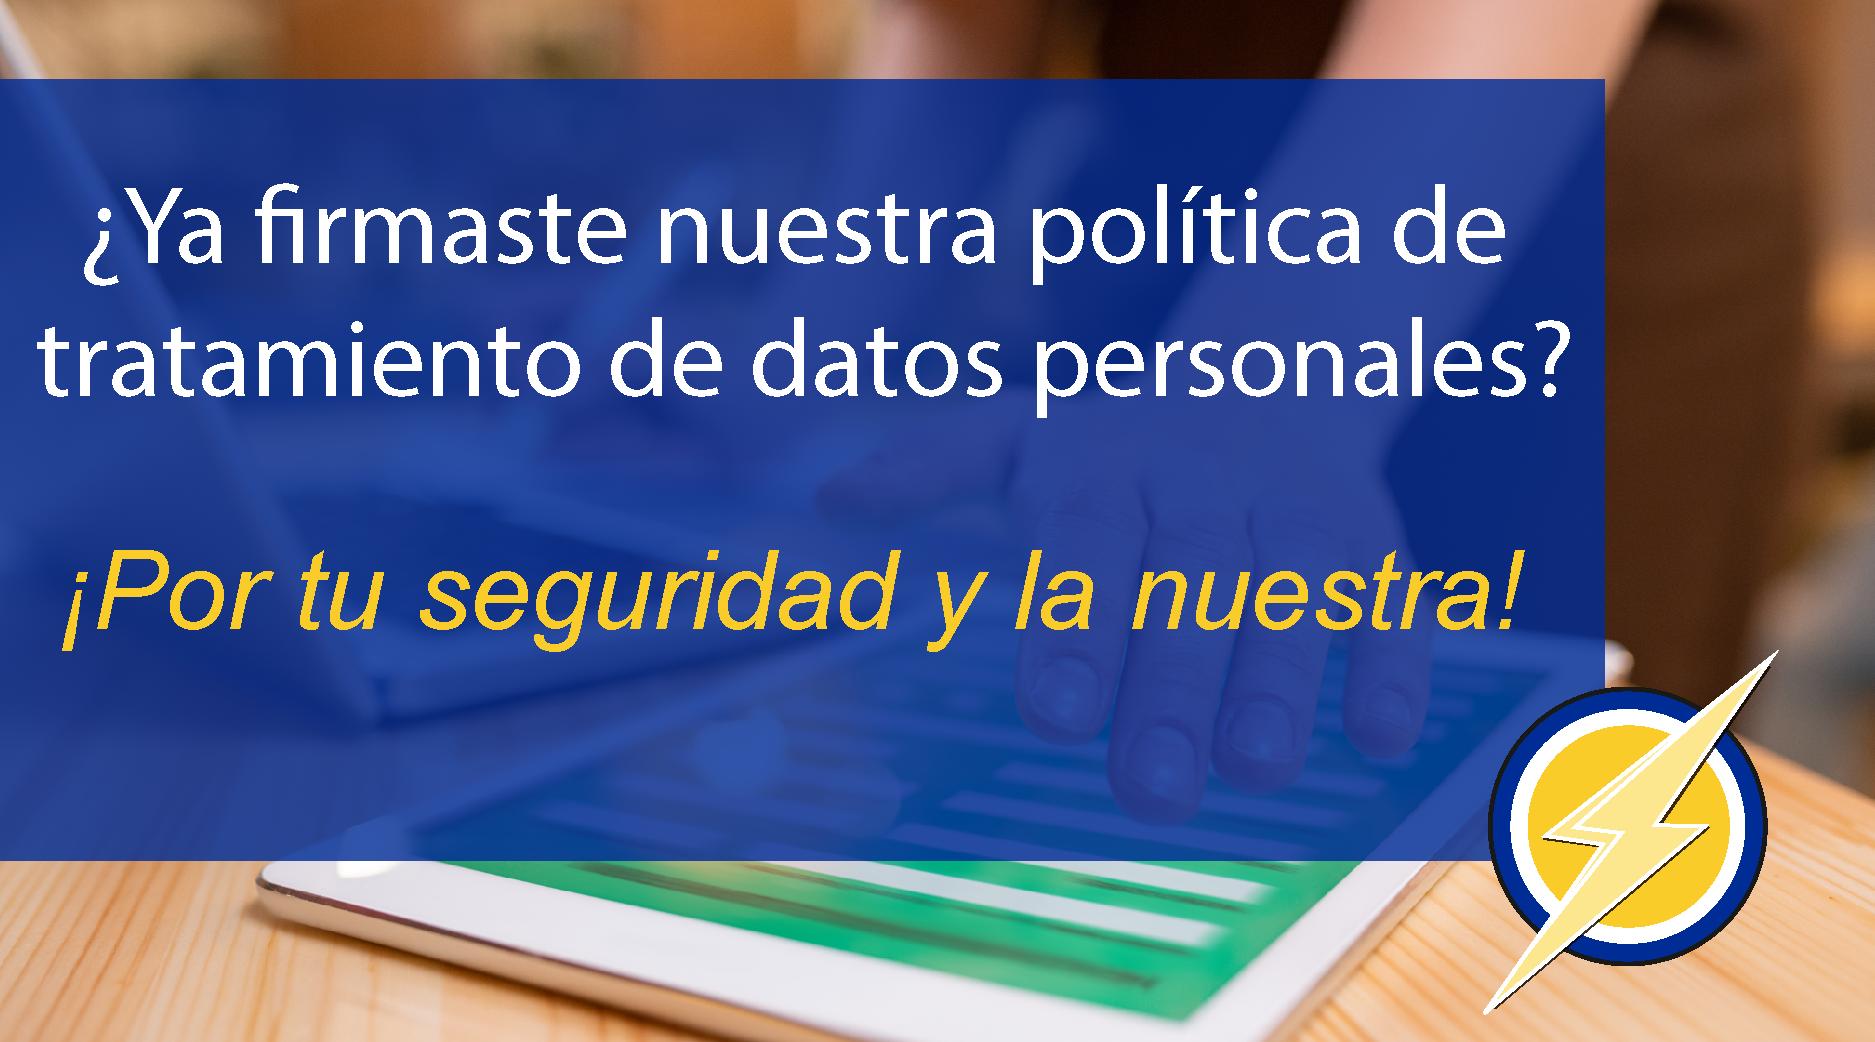 MANUAL DE TRATAMIENTOS DE DATOS PERSONALES – SUMILEC S.A